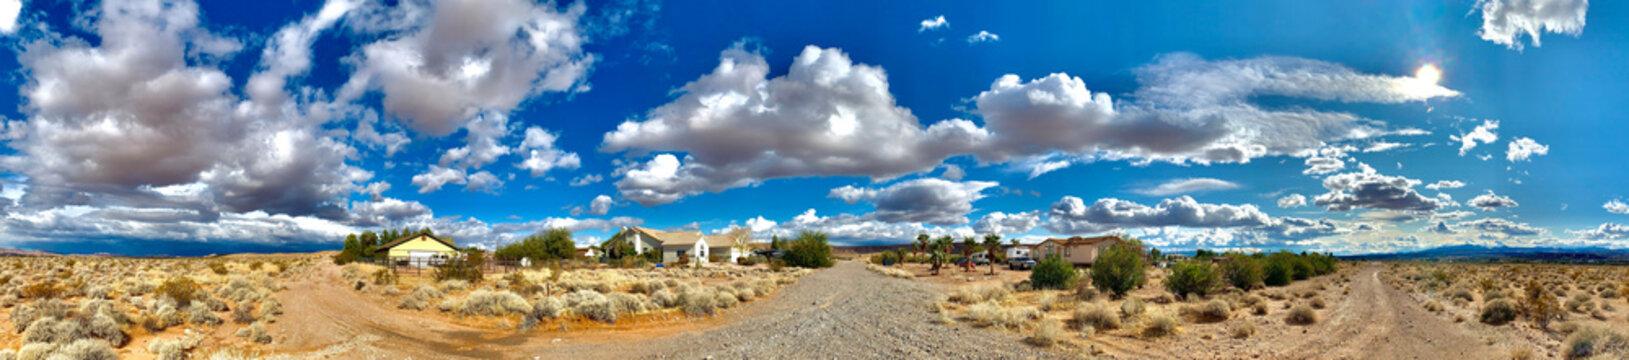 Desert, skies, houses, roads in Overton, Nevada